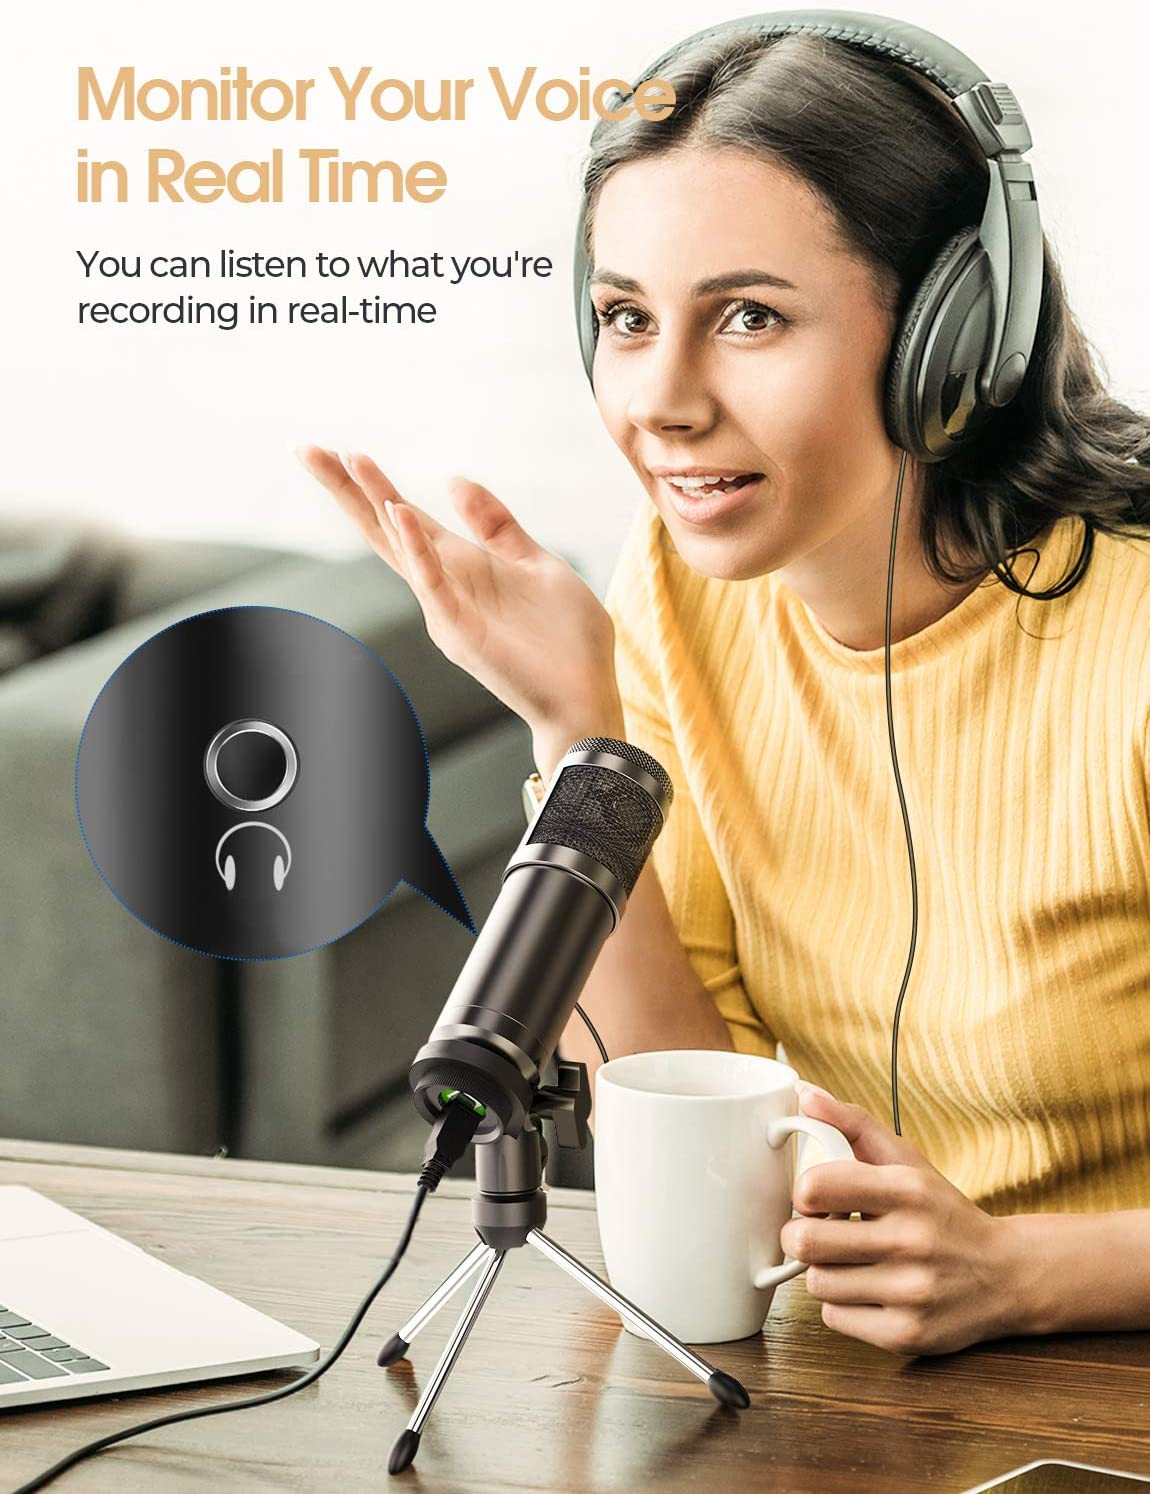 Podcast Youtube Microfono a Condensatore Riproduzione Vocale e Multimediale in Streaming Microfono USB Plug-And-Play per Giochi